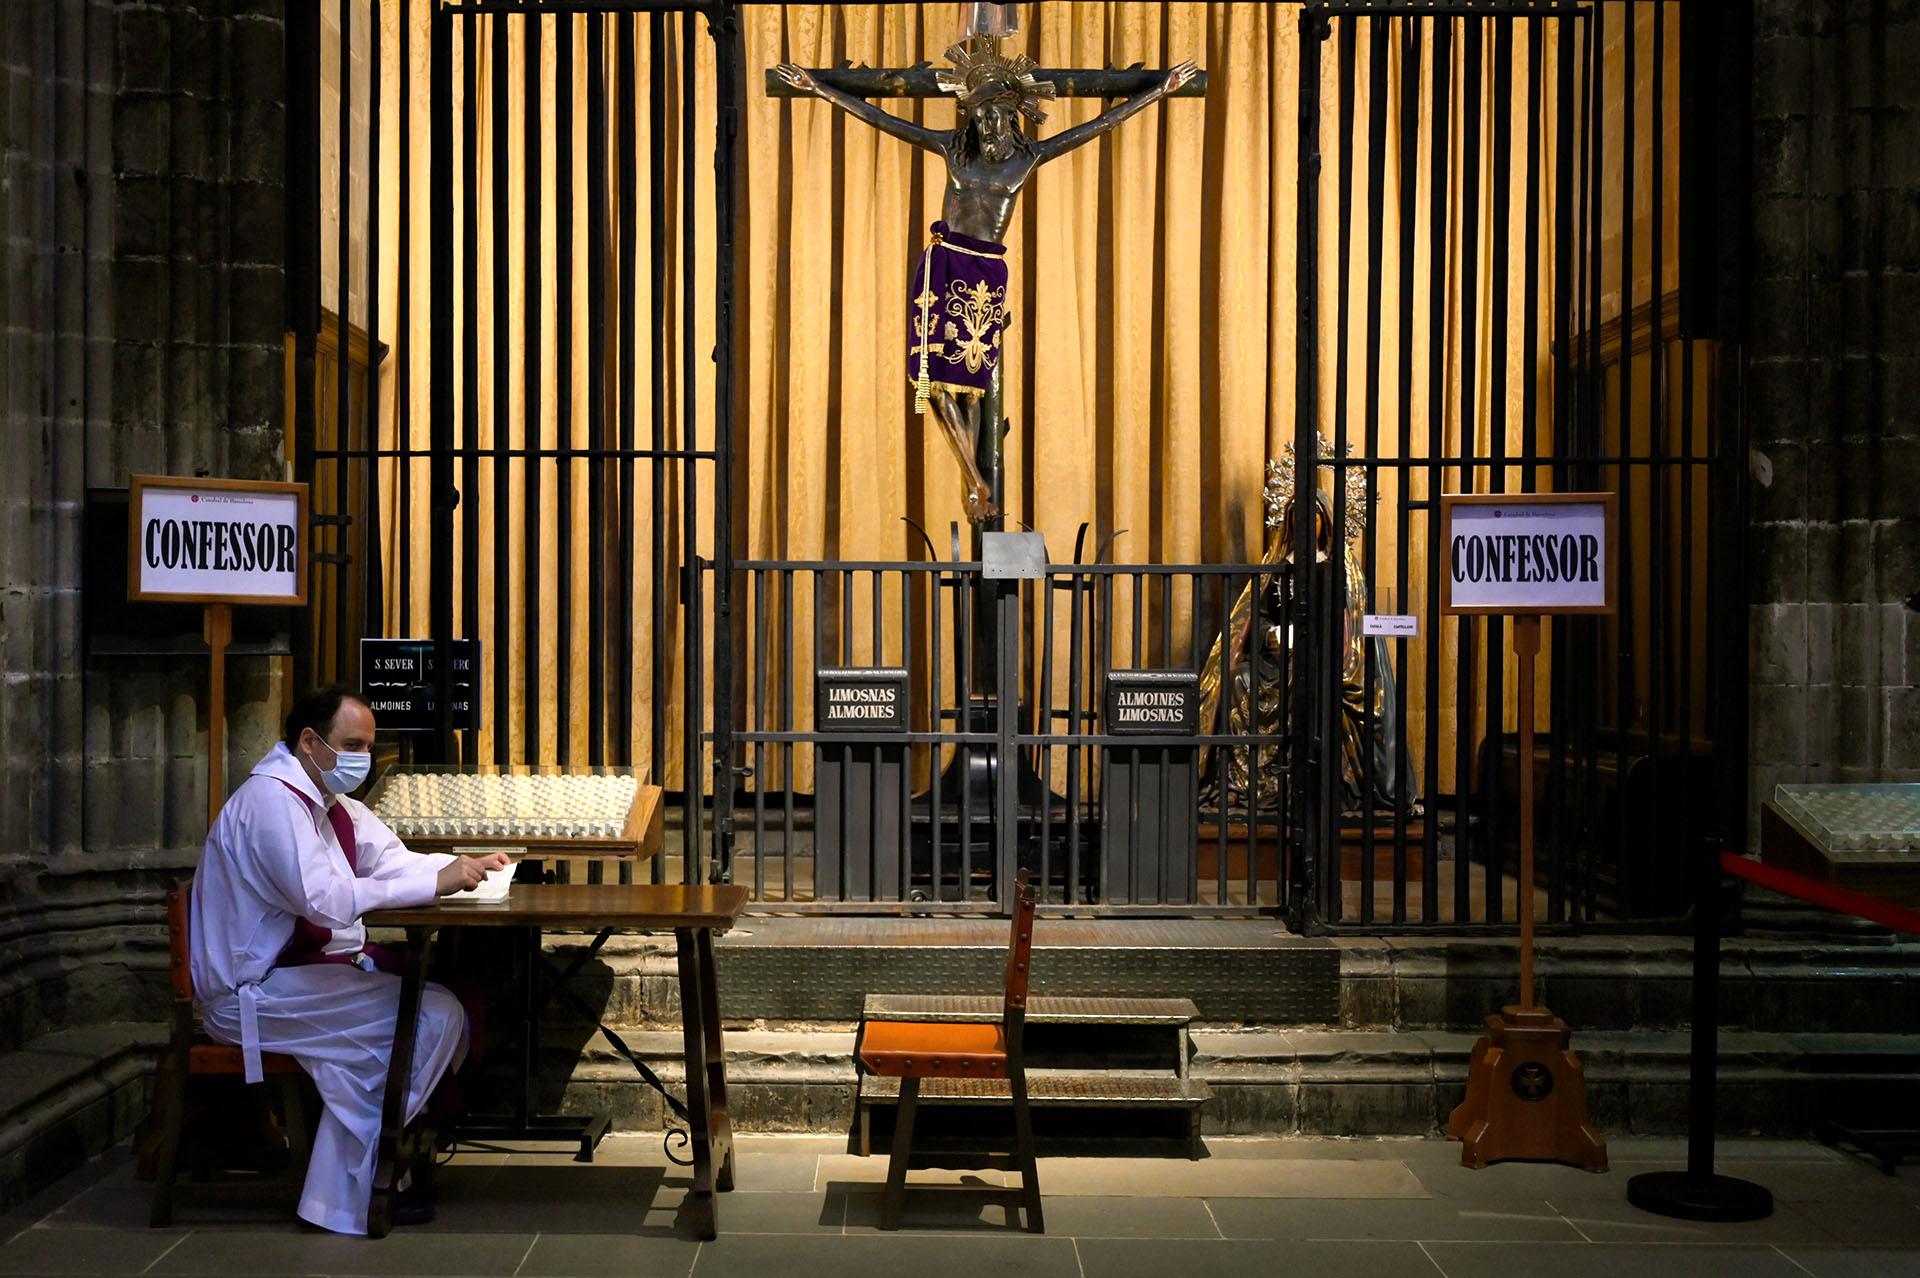 Un confesor espera a los fieles en la Catedral de Barcelona, en España.